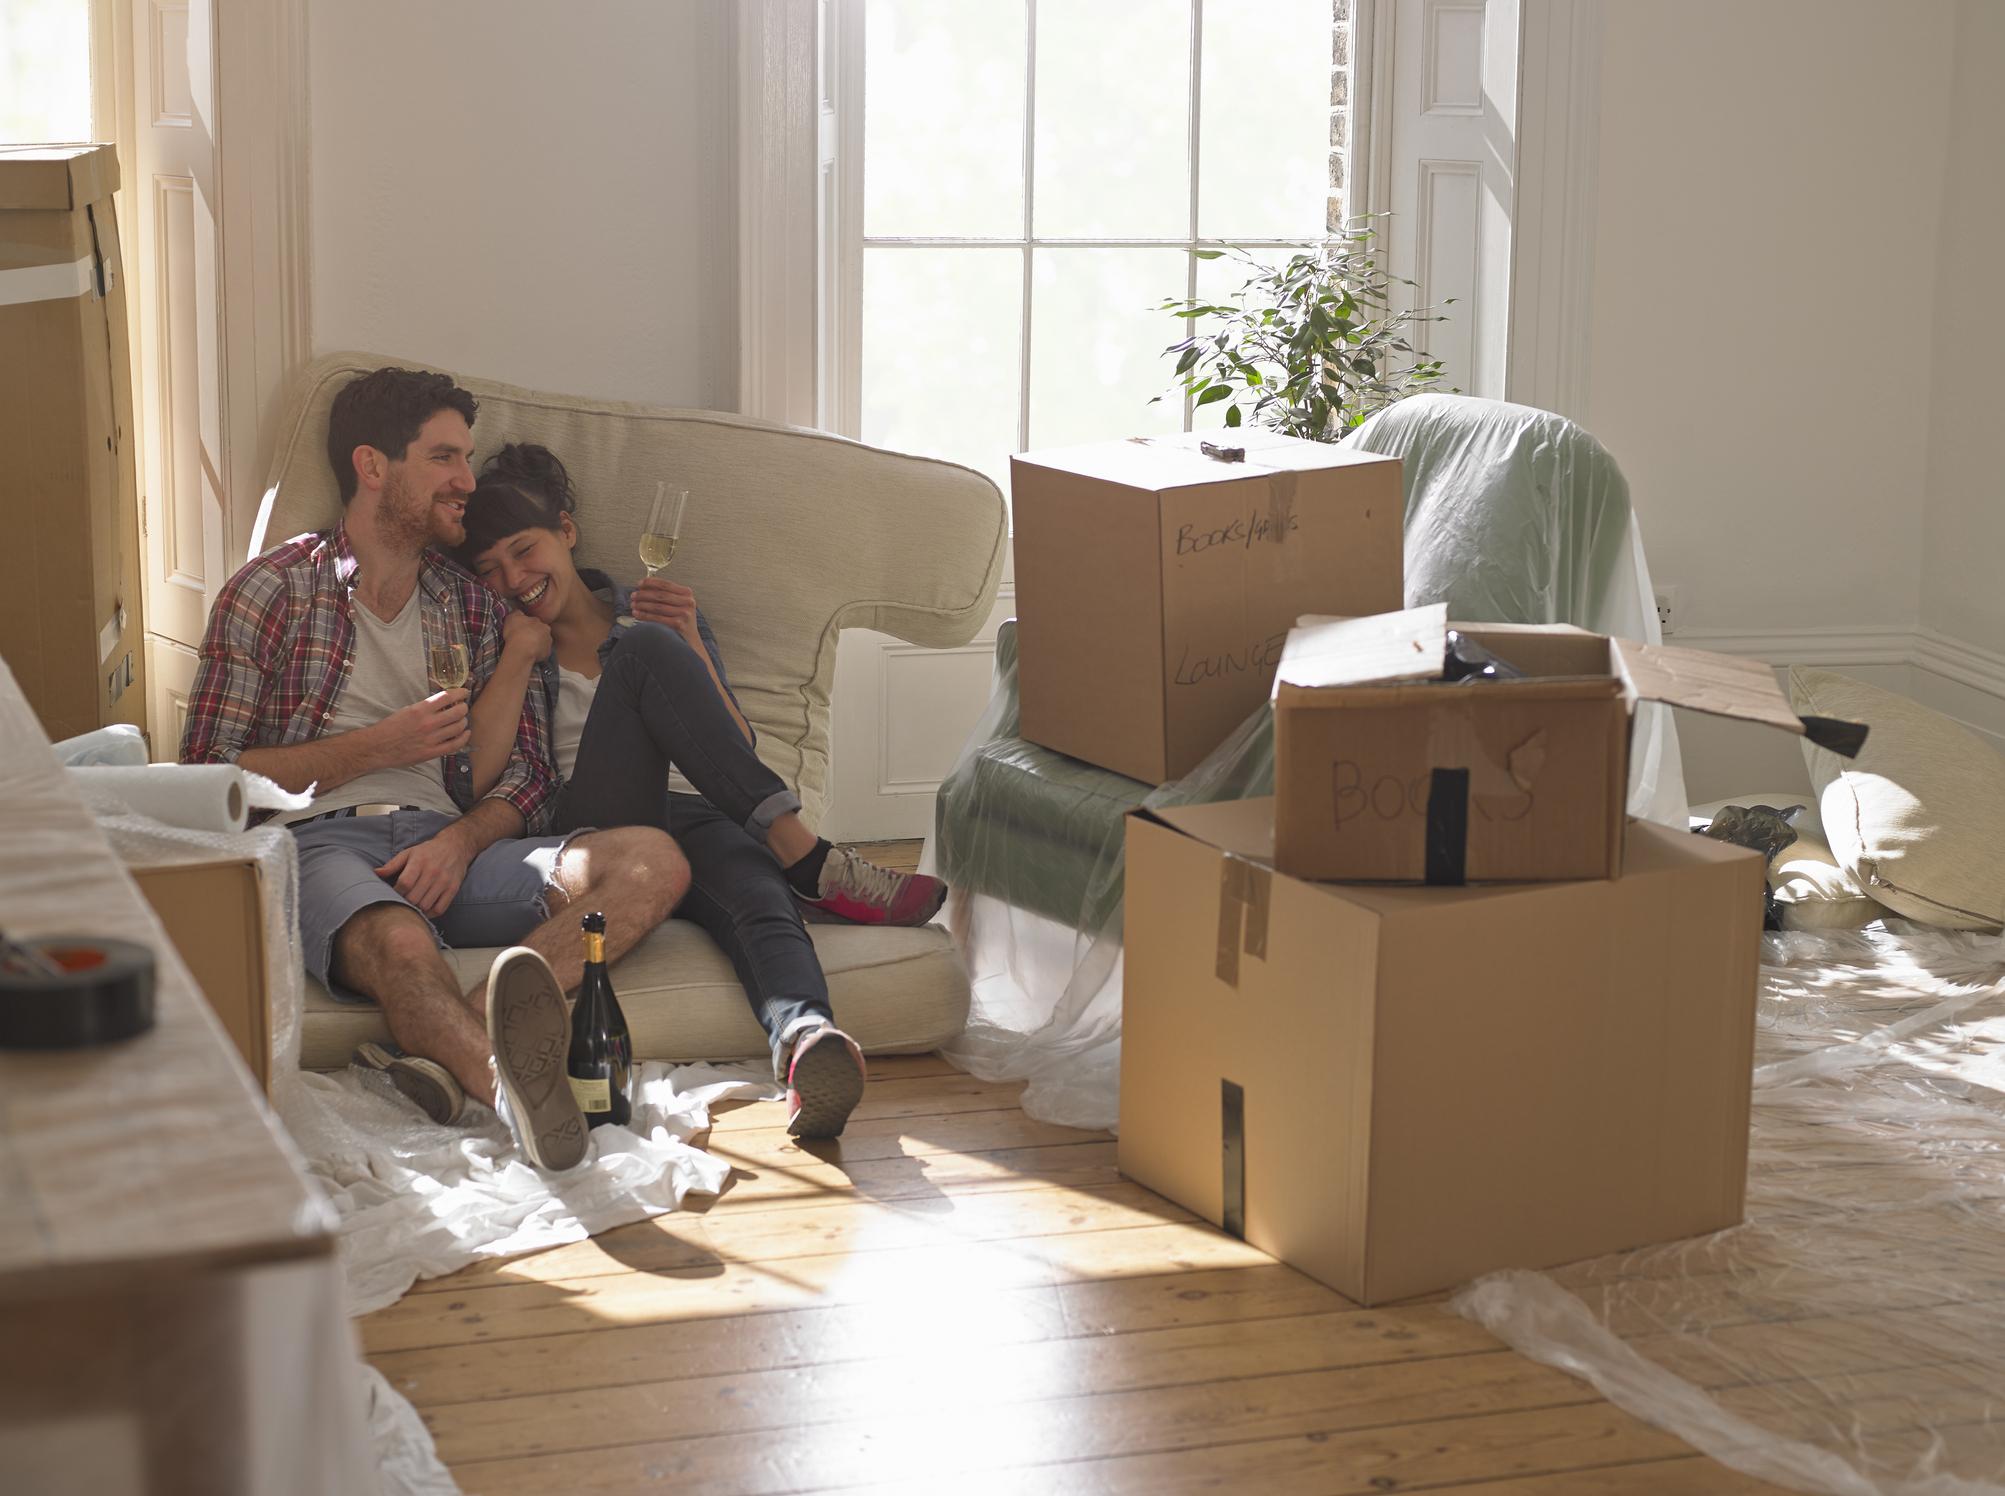 Az 5 legfontosabb teendő beköltözés után – Ezekkel kezdd új életed!